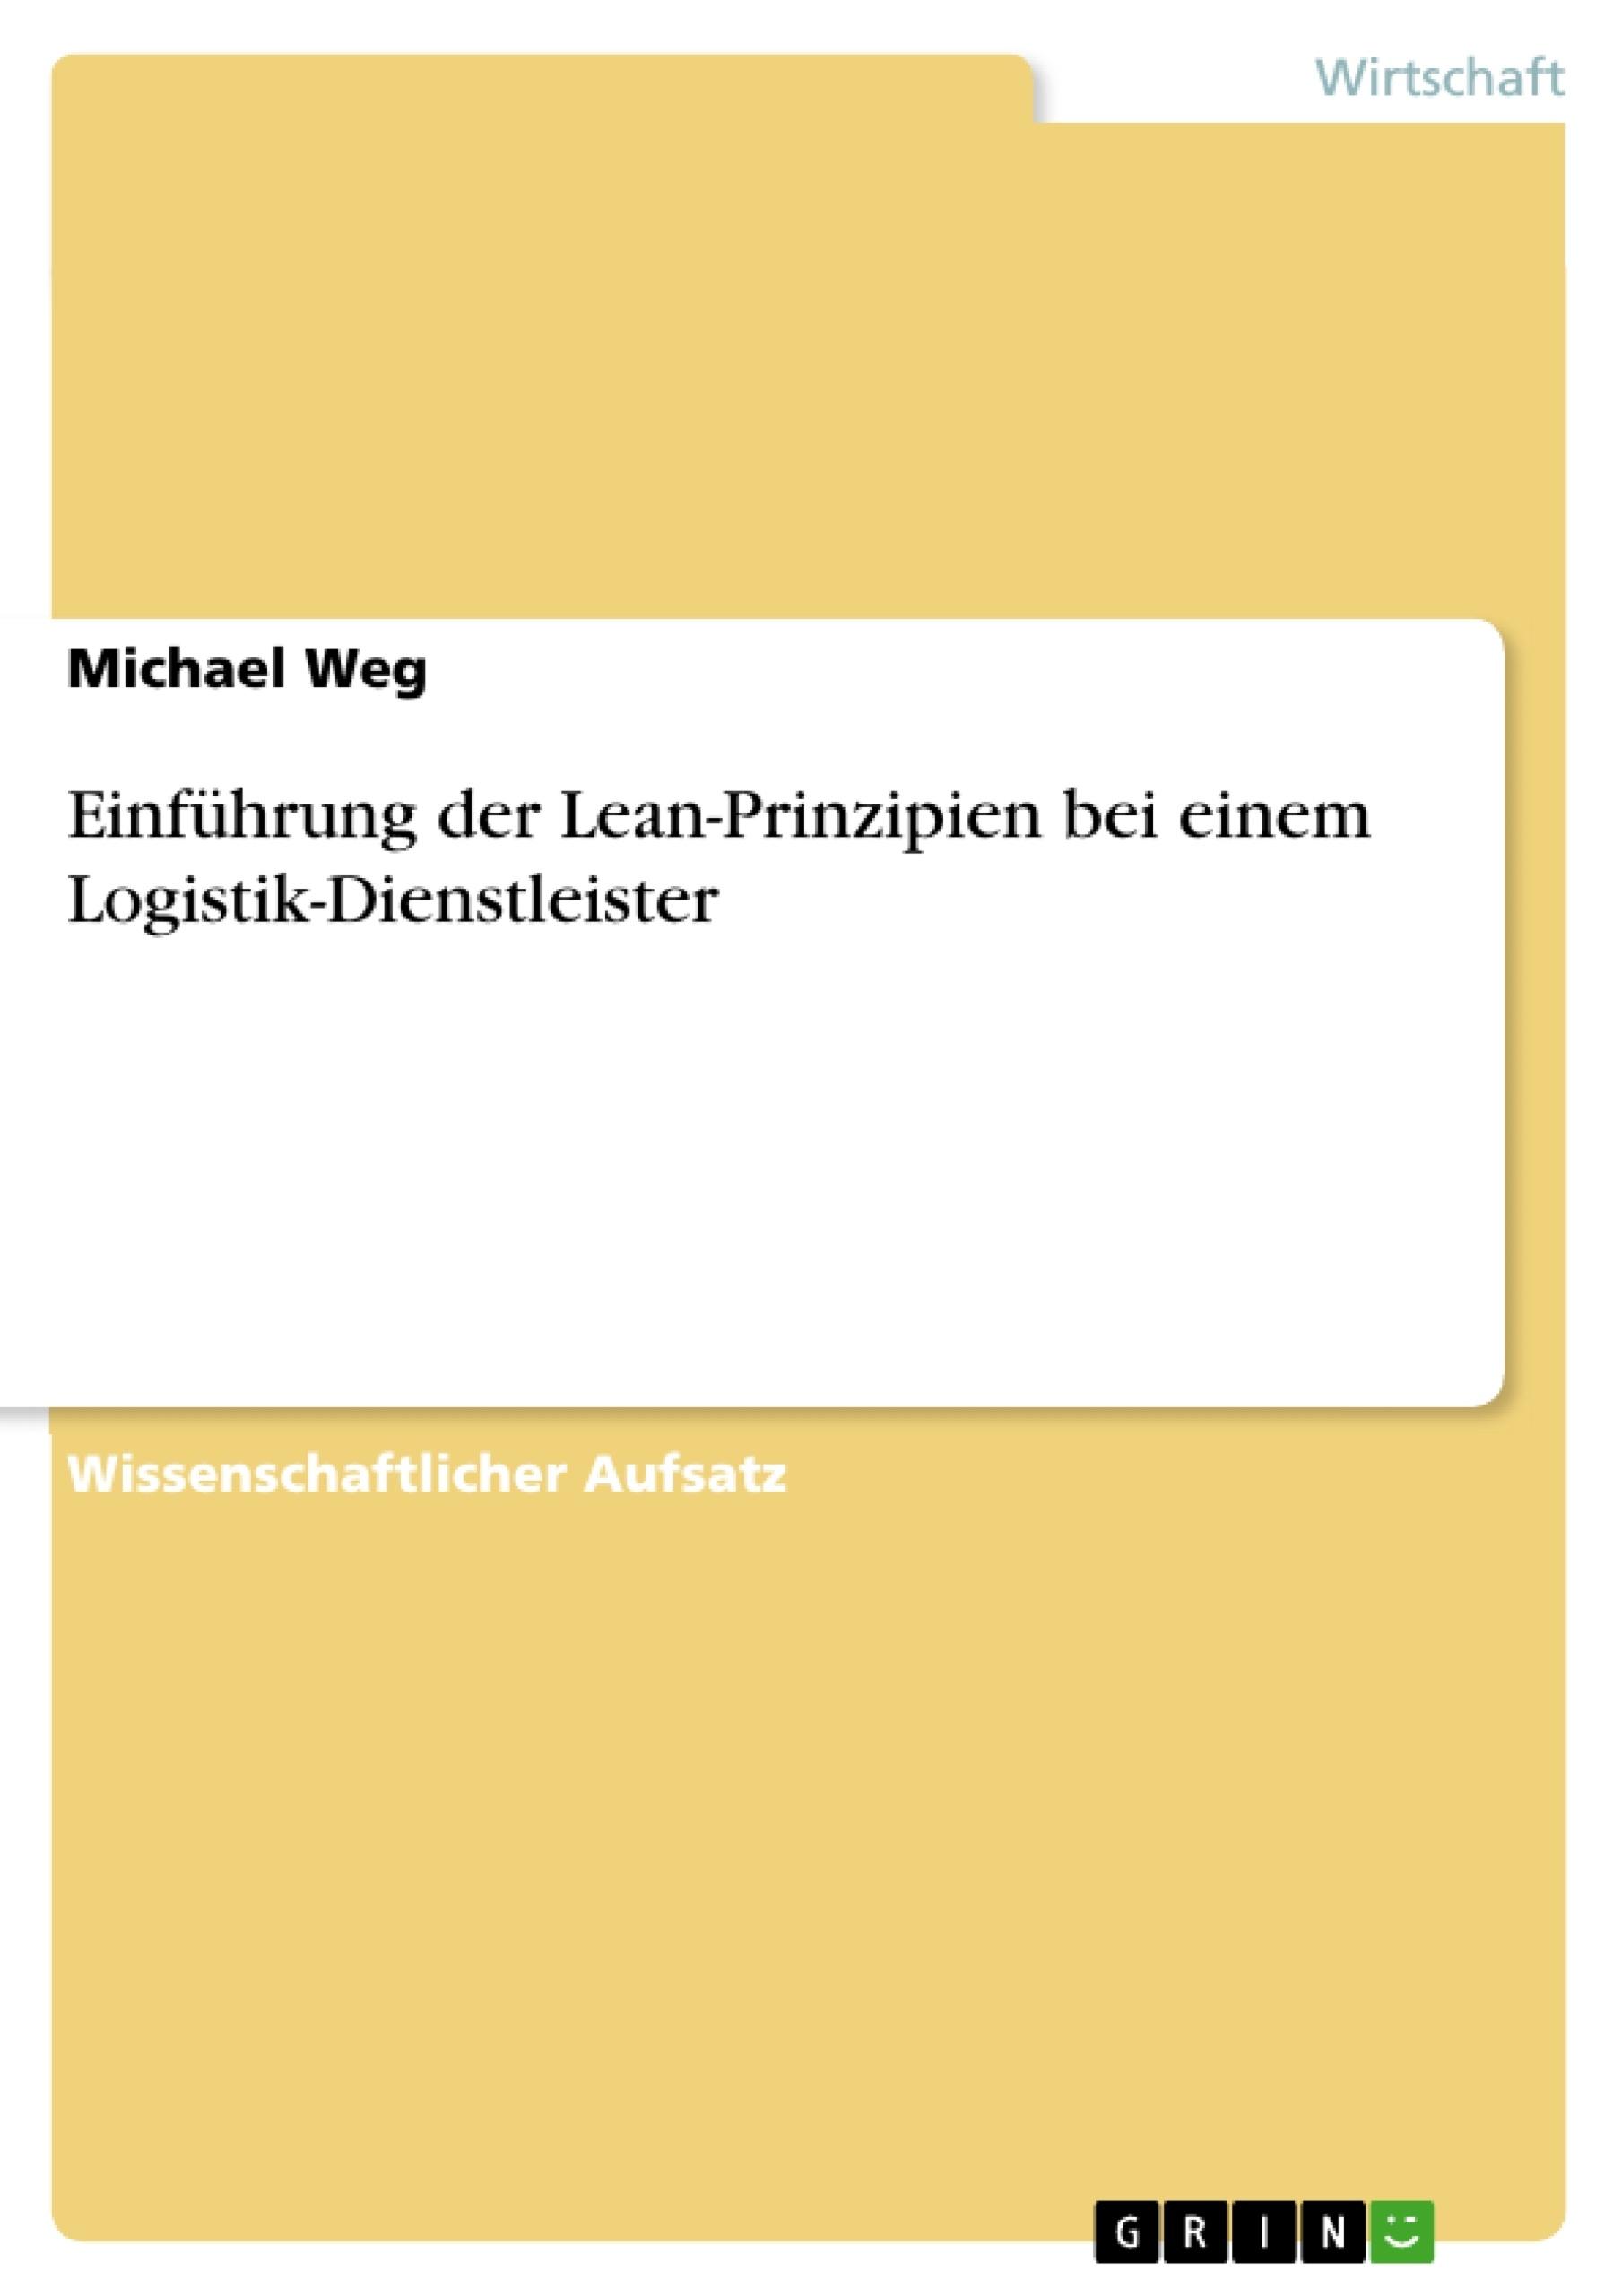 Titel: Einführung der Lean-Prinzipien bei einem Logistik-Dienstleister